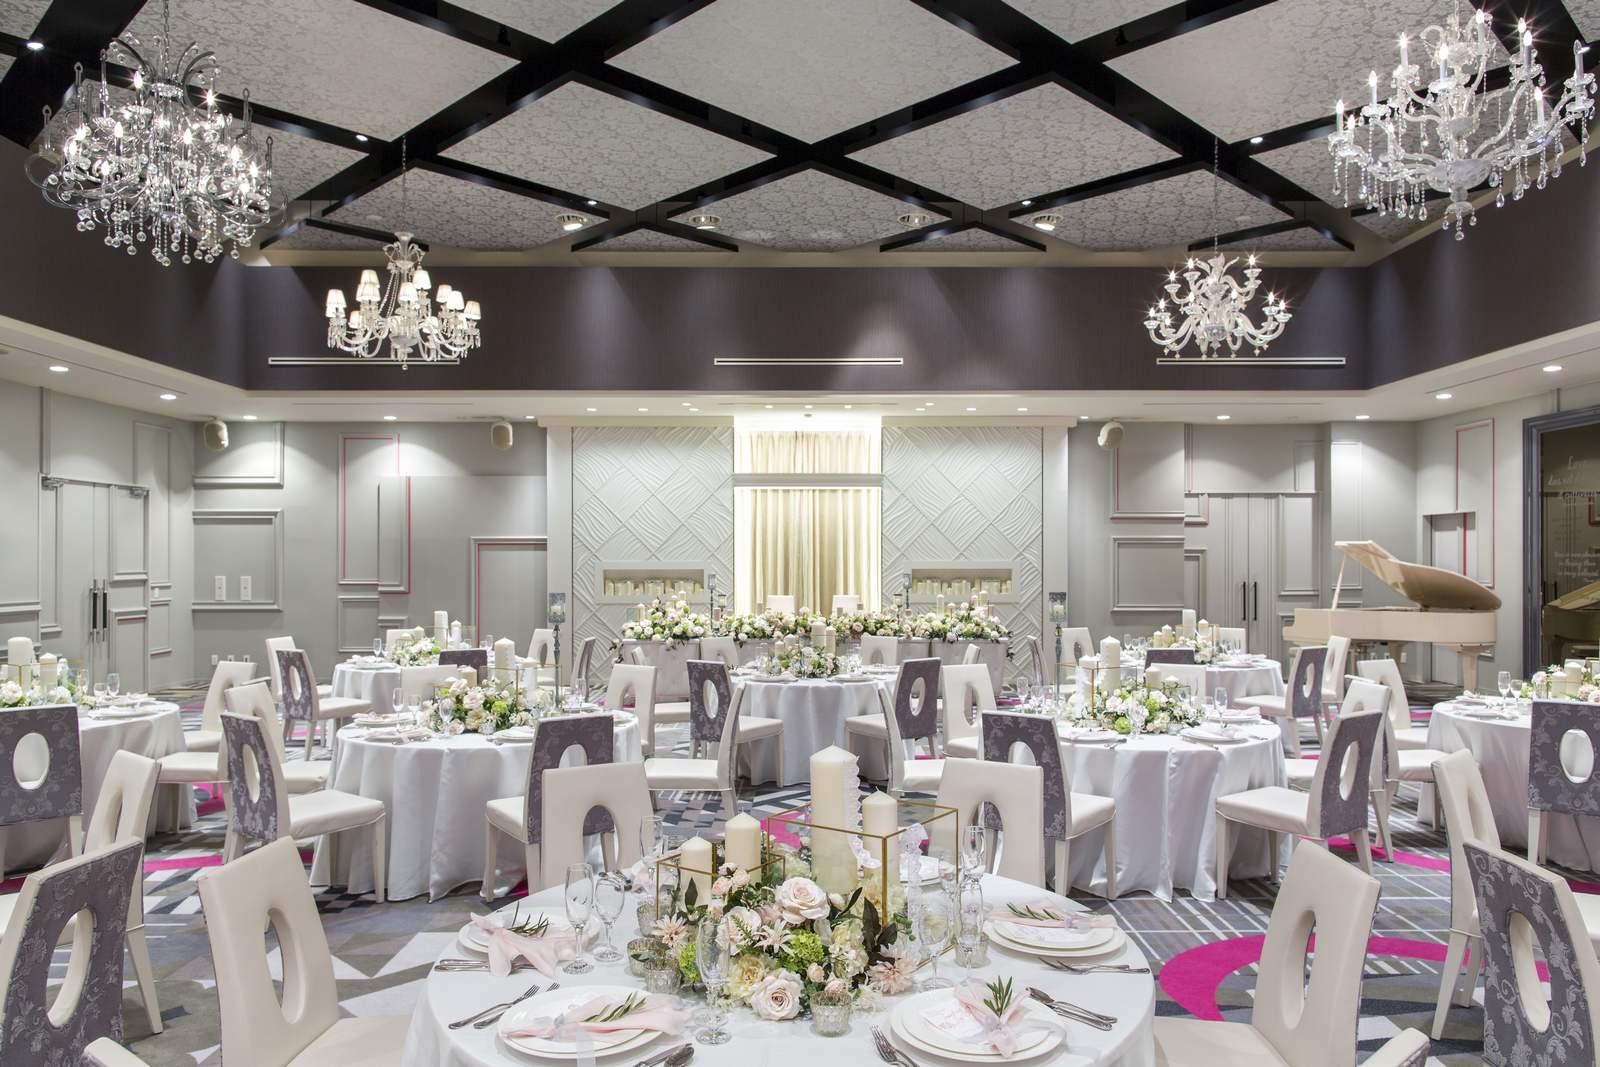 徳島県の結婚式場ブランアンジュの披露宴会場